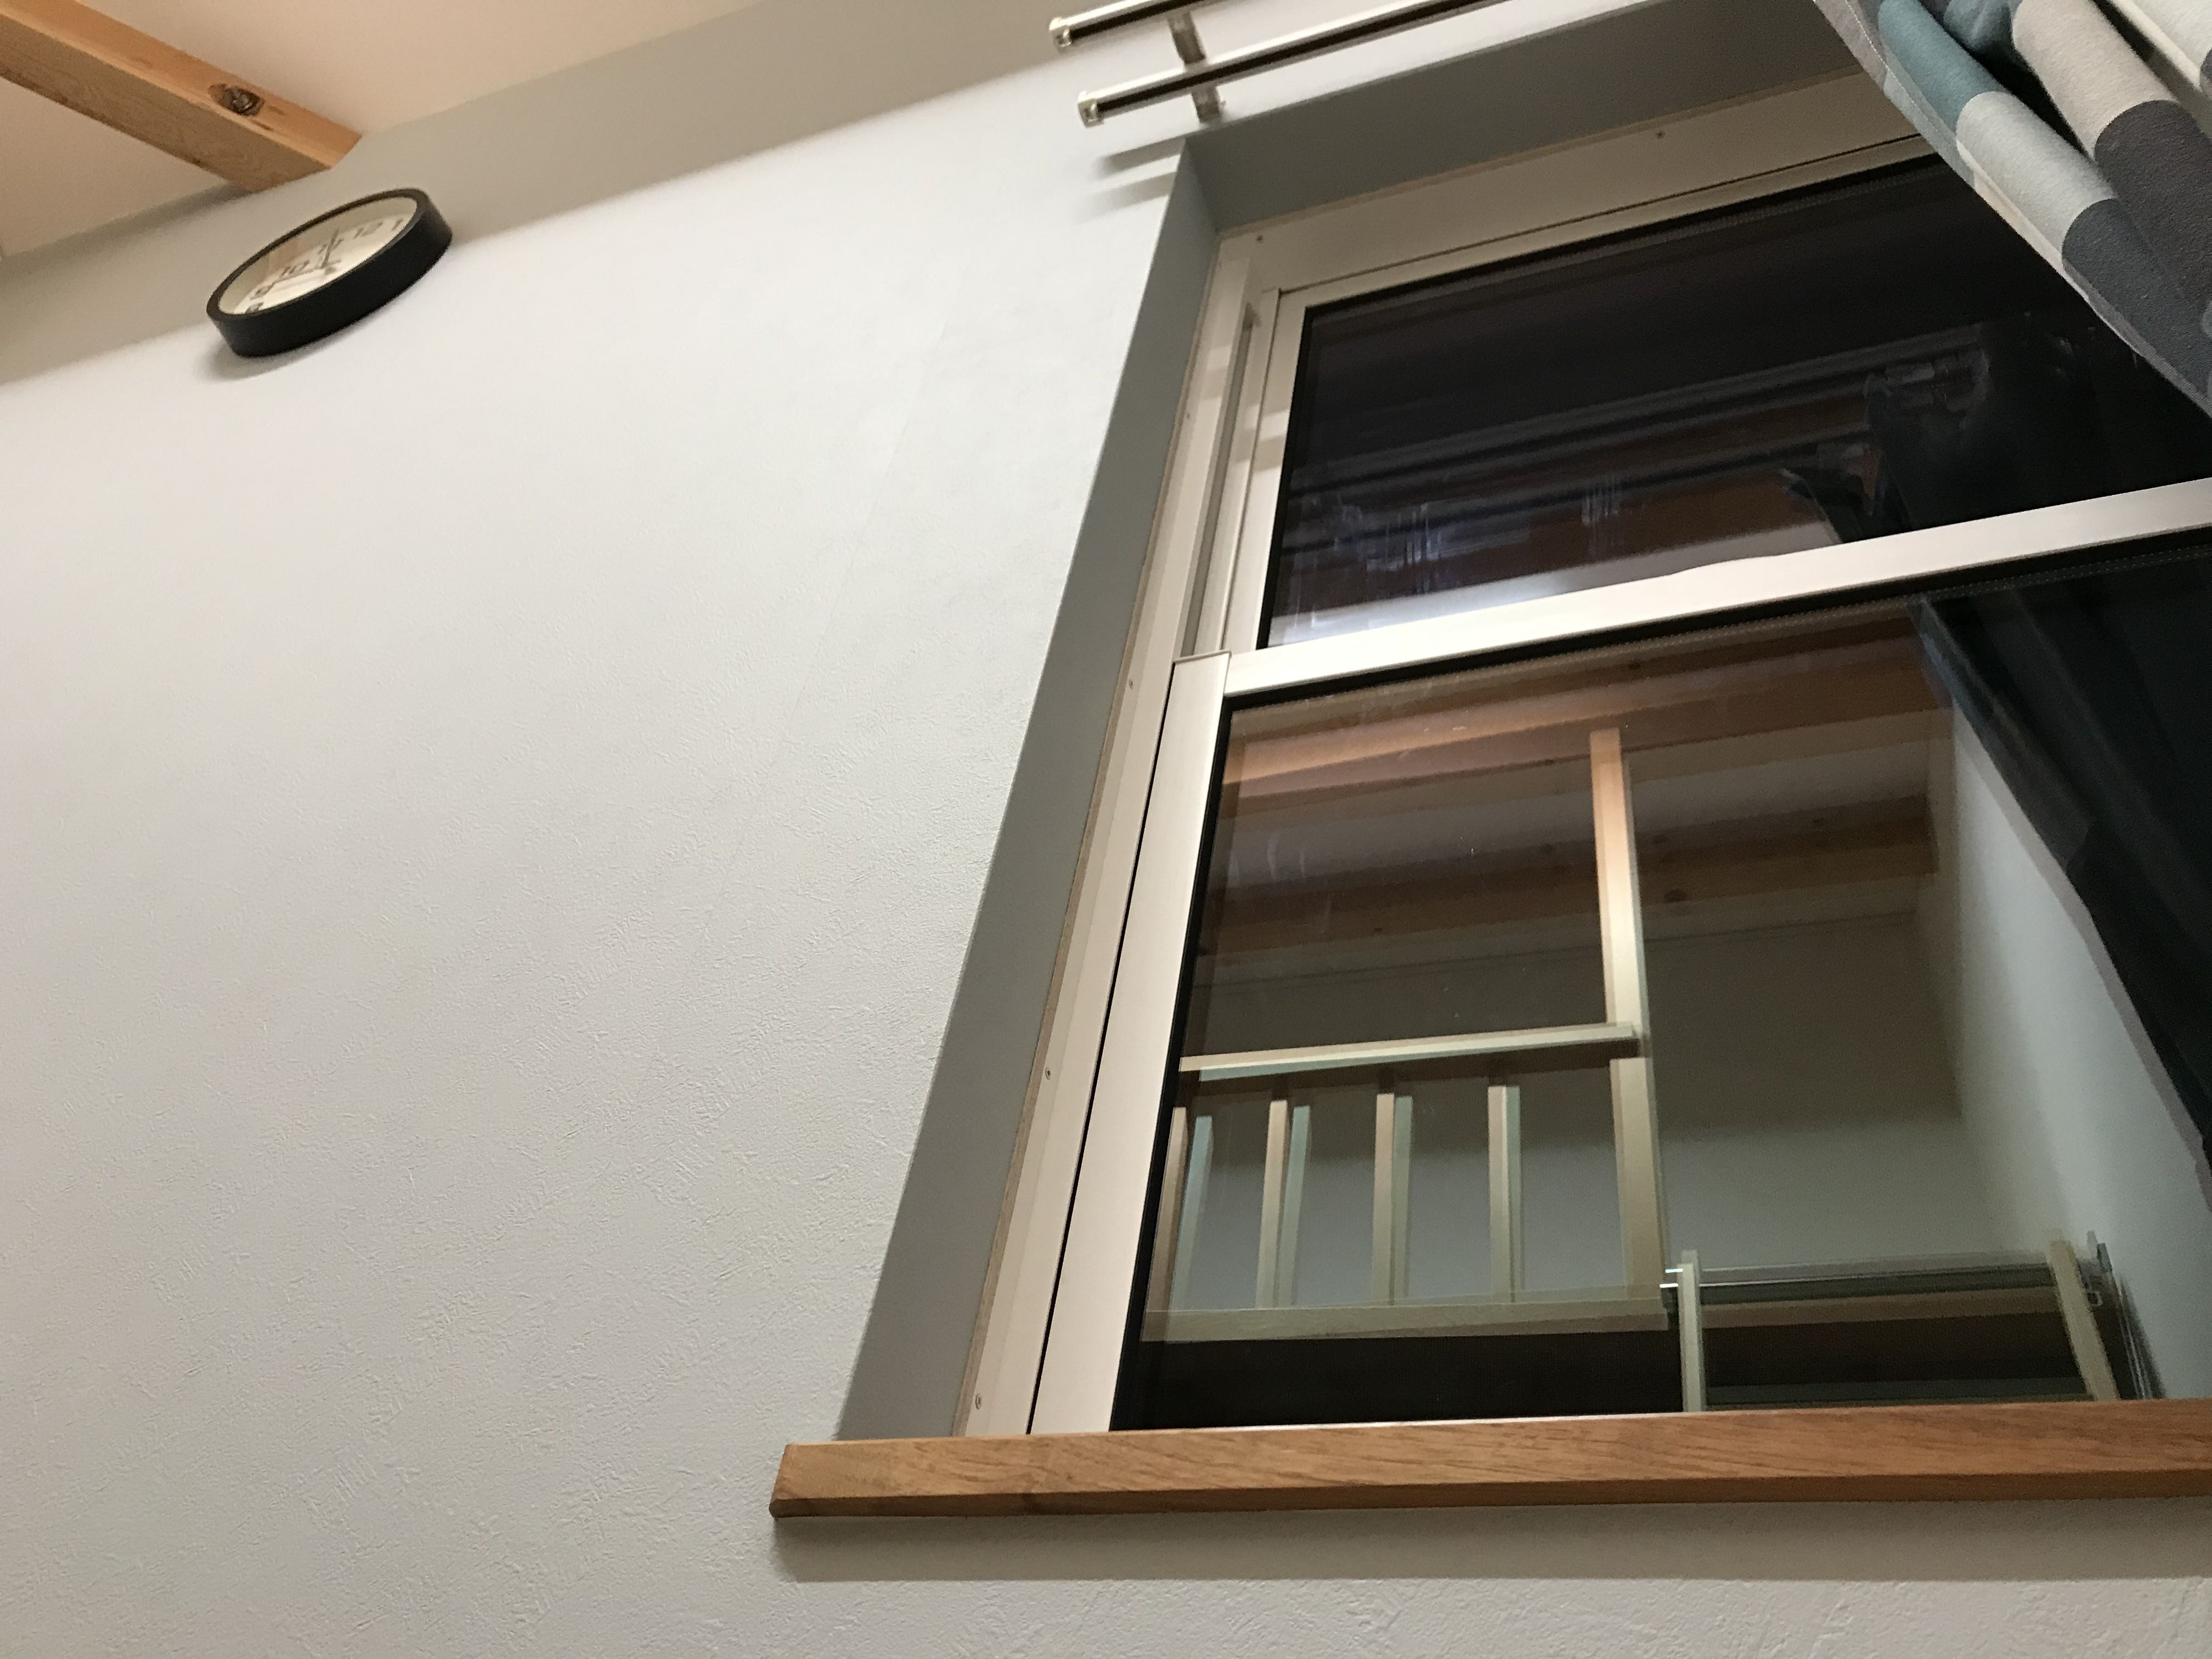 窓枠の仕上げをクロス巻き込み仕上げにするのか 四方枠にするのか クロス巻き込み仕上げはスッキリでとってもスタイリッシュ でも気になるデメリットもあります クロスを結露で傷ませない対策は 窓枠 家 サッシ